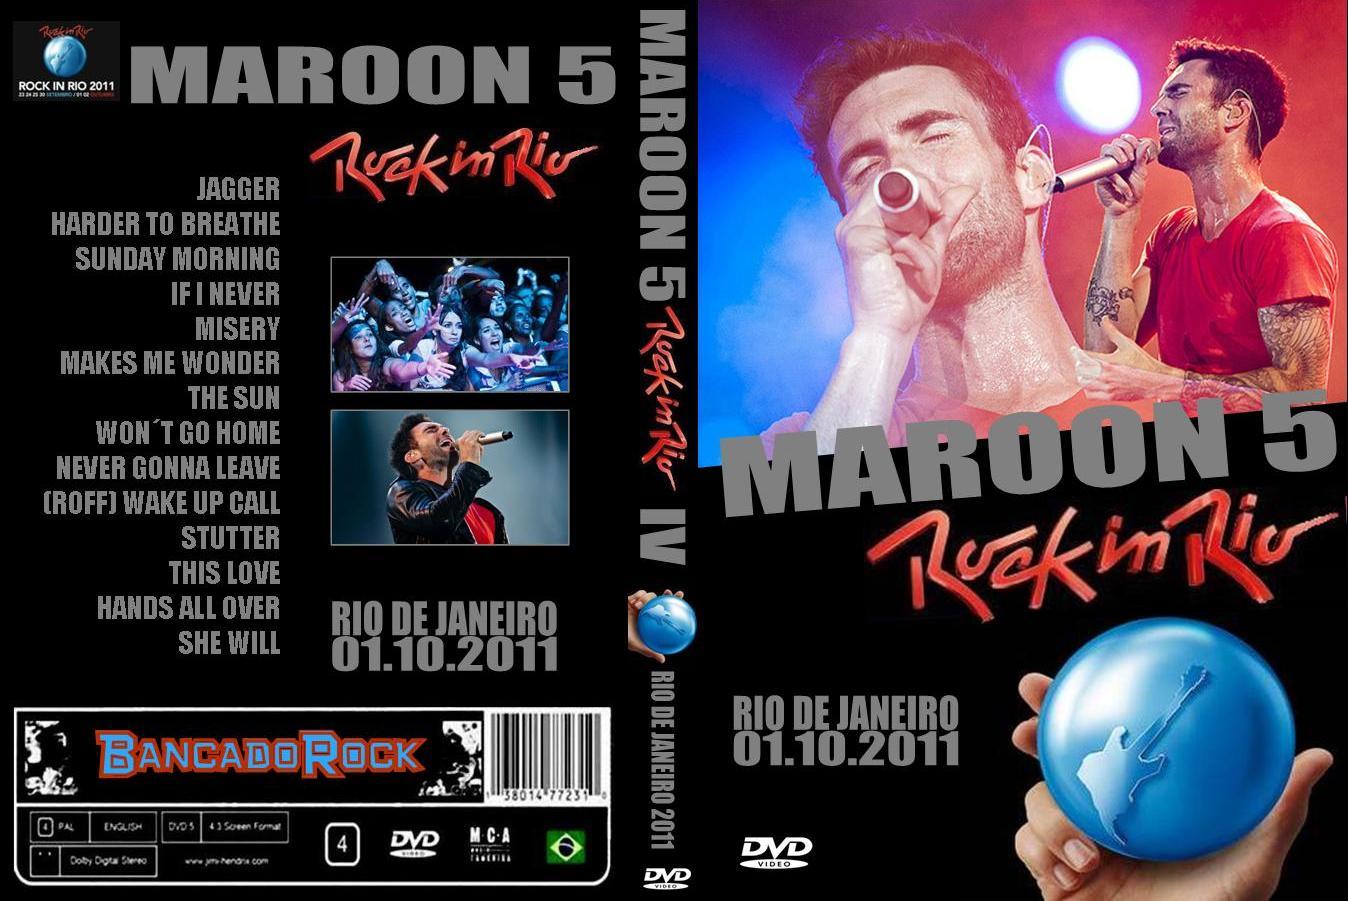 http://3.bp.blogspot.com/-CmZswBaoHKo/T9OwIZcSs_I/AAAAAAAACDA/gy6_zAnzkms/s1600/maroonfiverockinrio.jpg